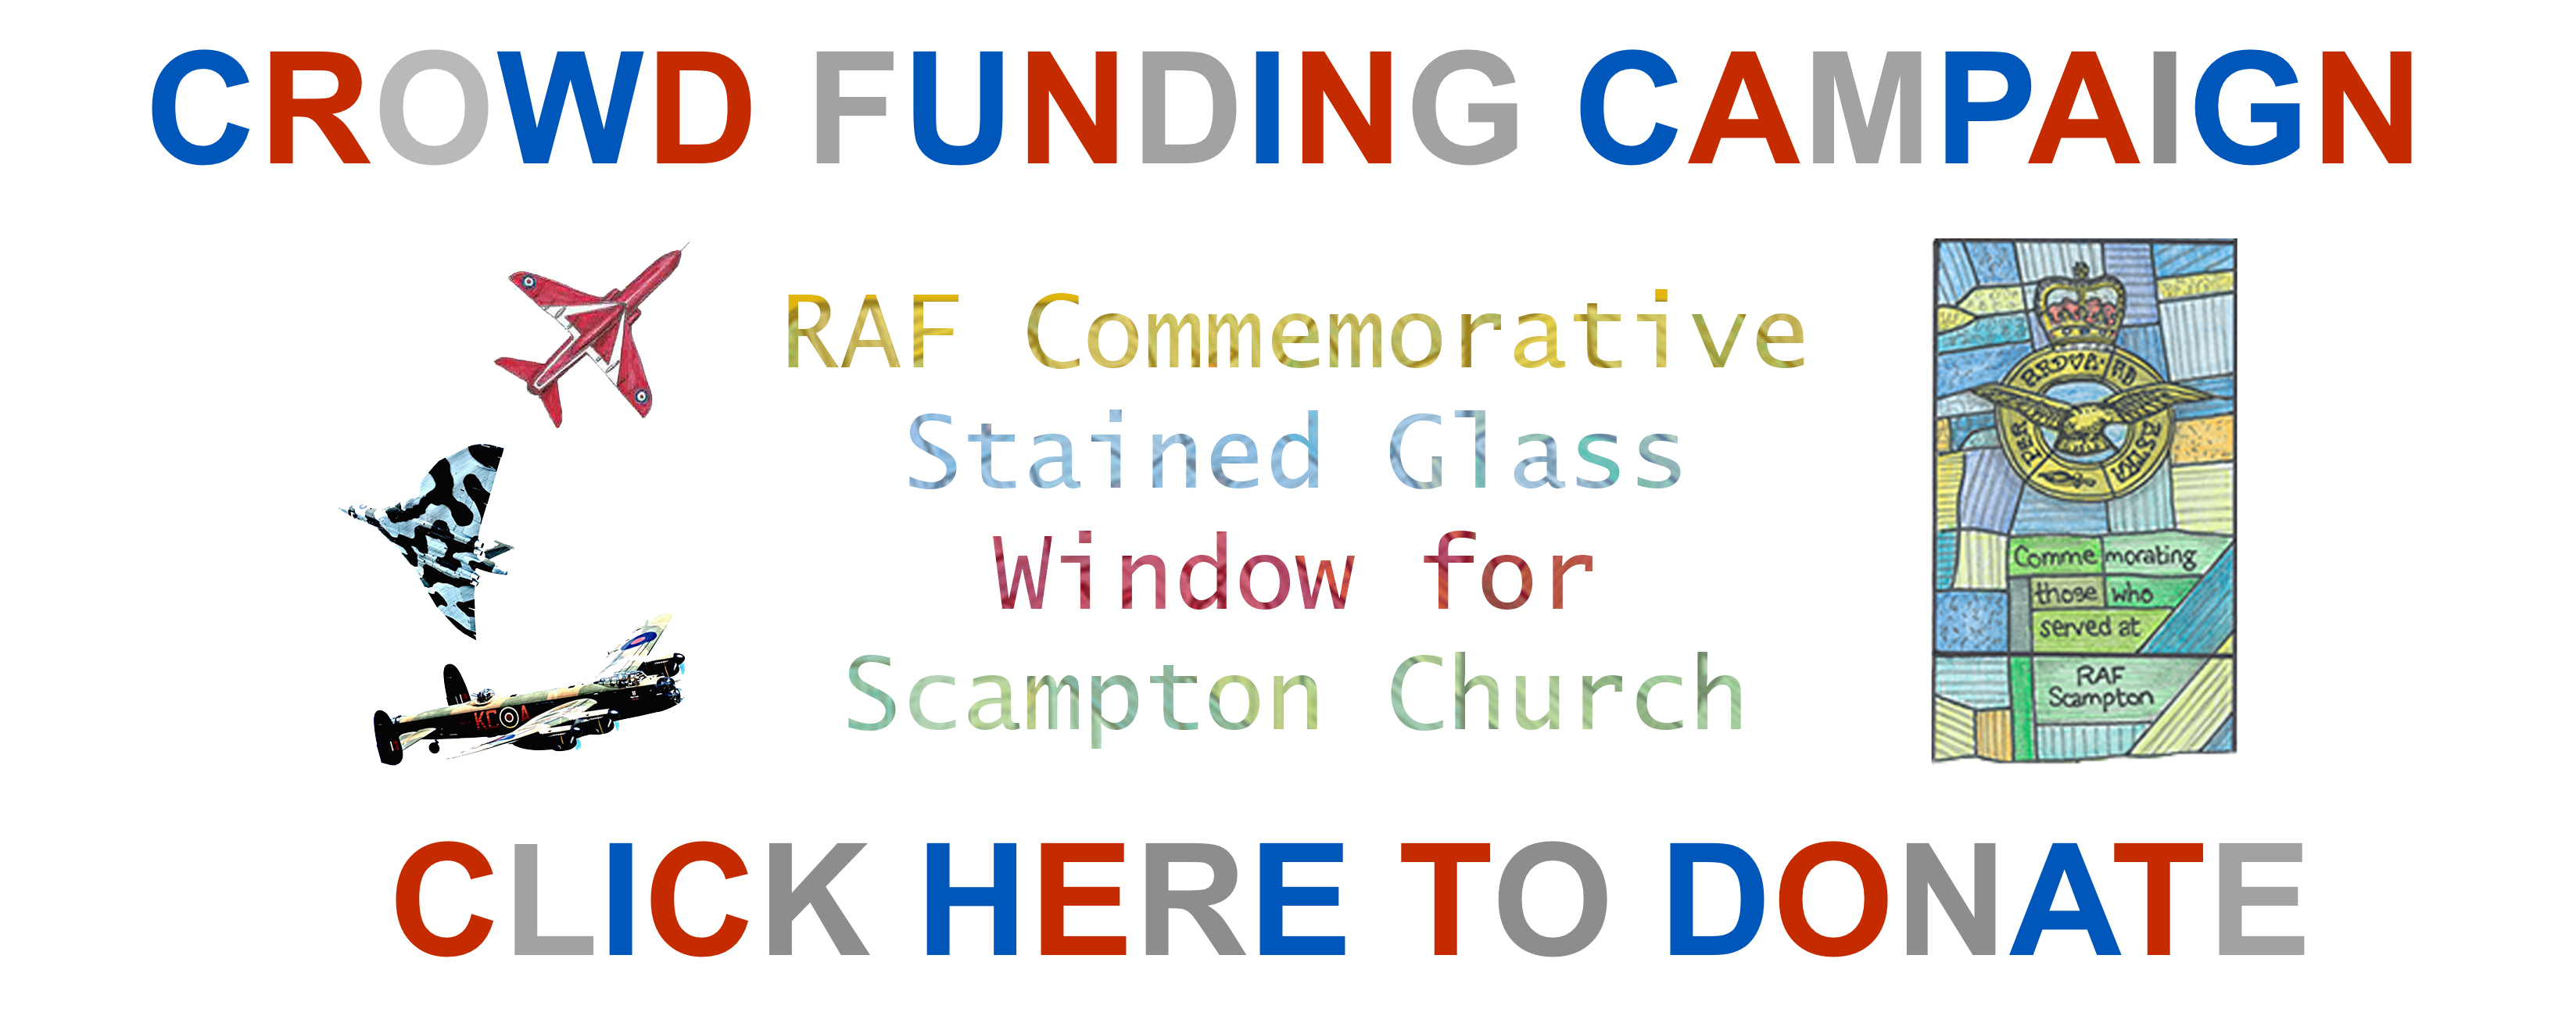 Crowd funding website banner